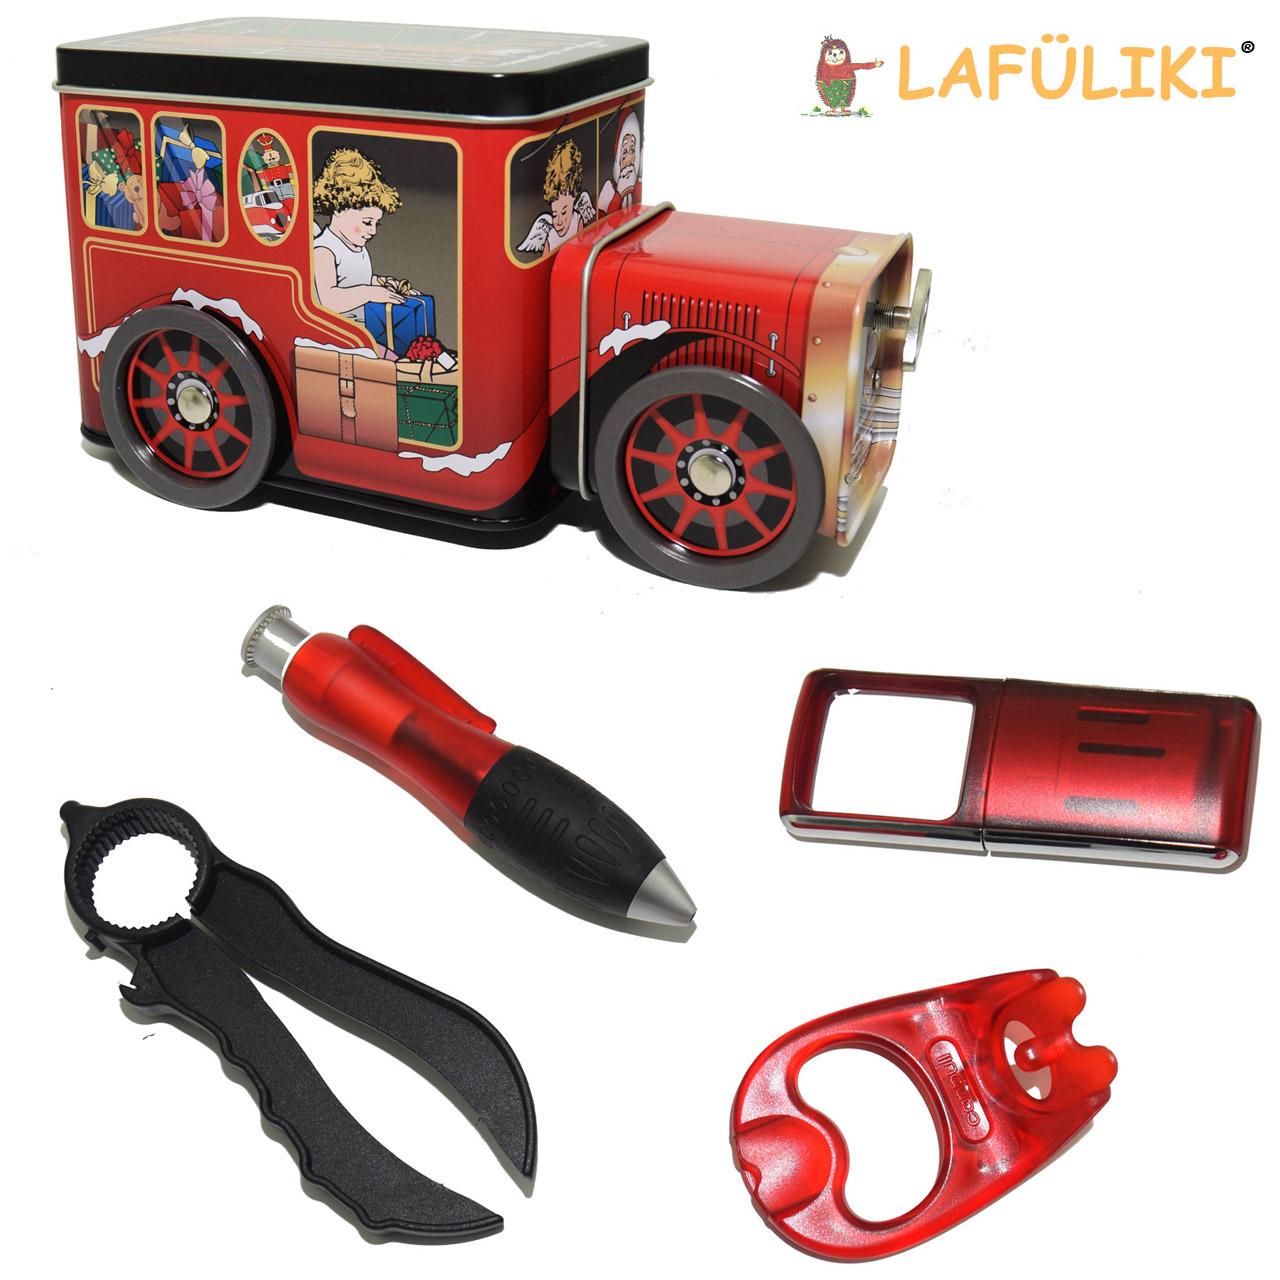 Geschenkbox-Xmas-oma-opa-Spieluhr-XXL-Kuli-Lupe-3-Fach-oeffner-Ringzug-Dosenoeffner-Geschenkset-lafueliki